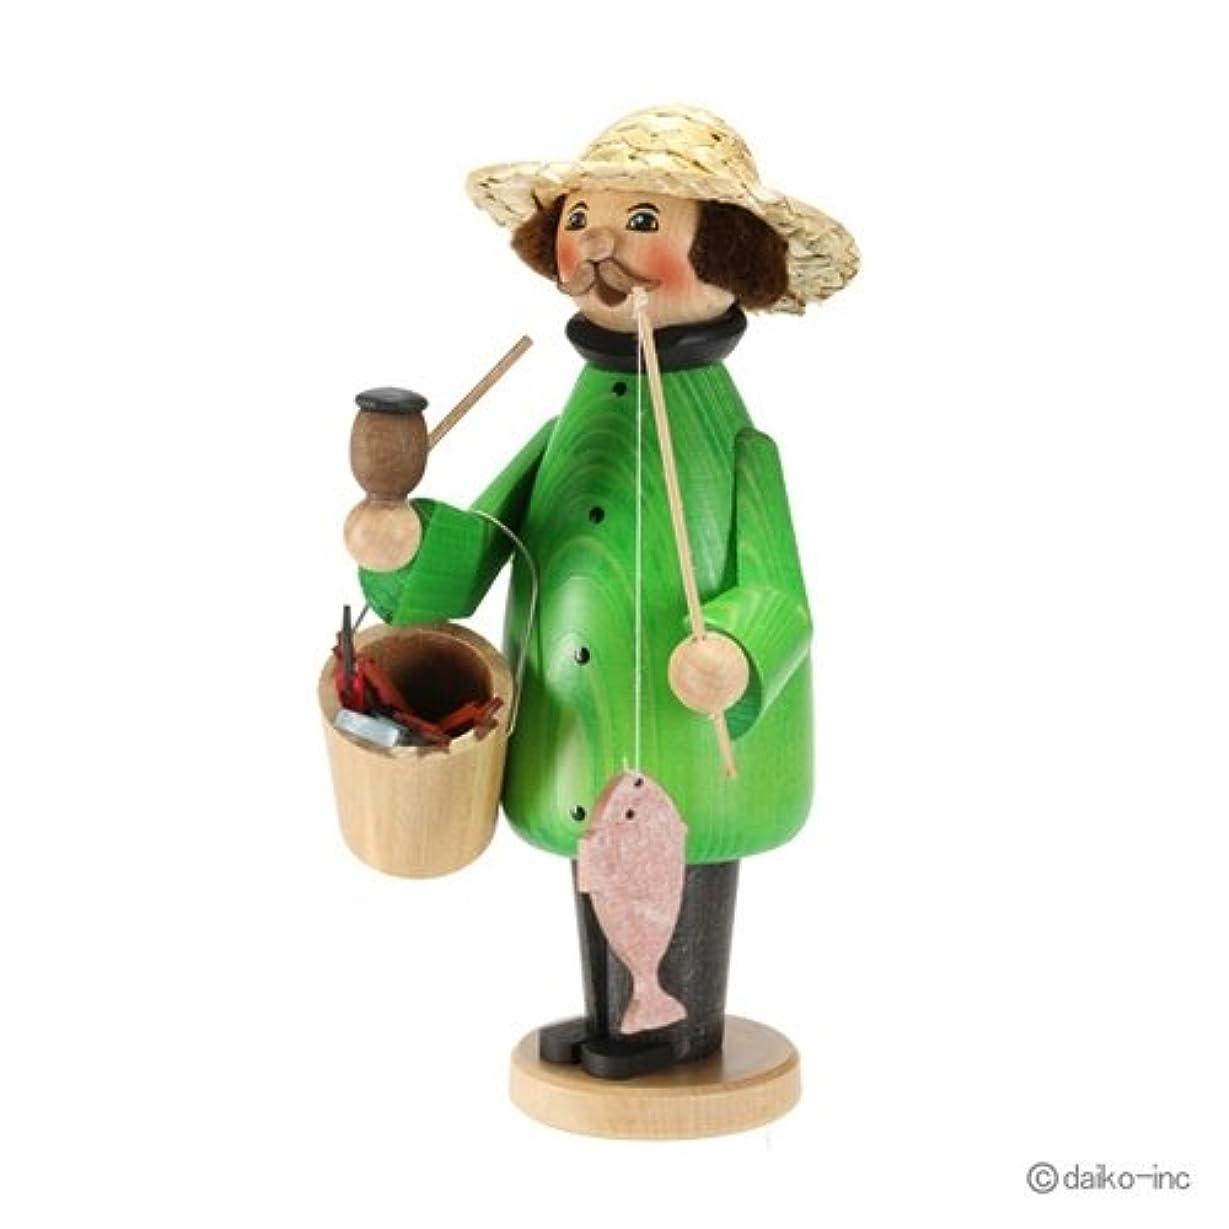 特別なエロチック維持クーネルト kuhnert ミニパイプ人形香炉 釣り人